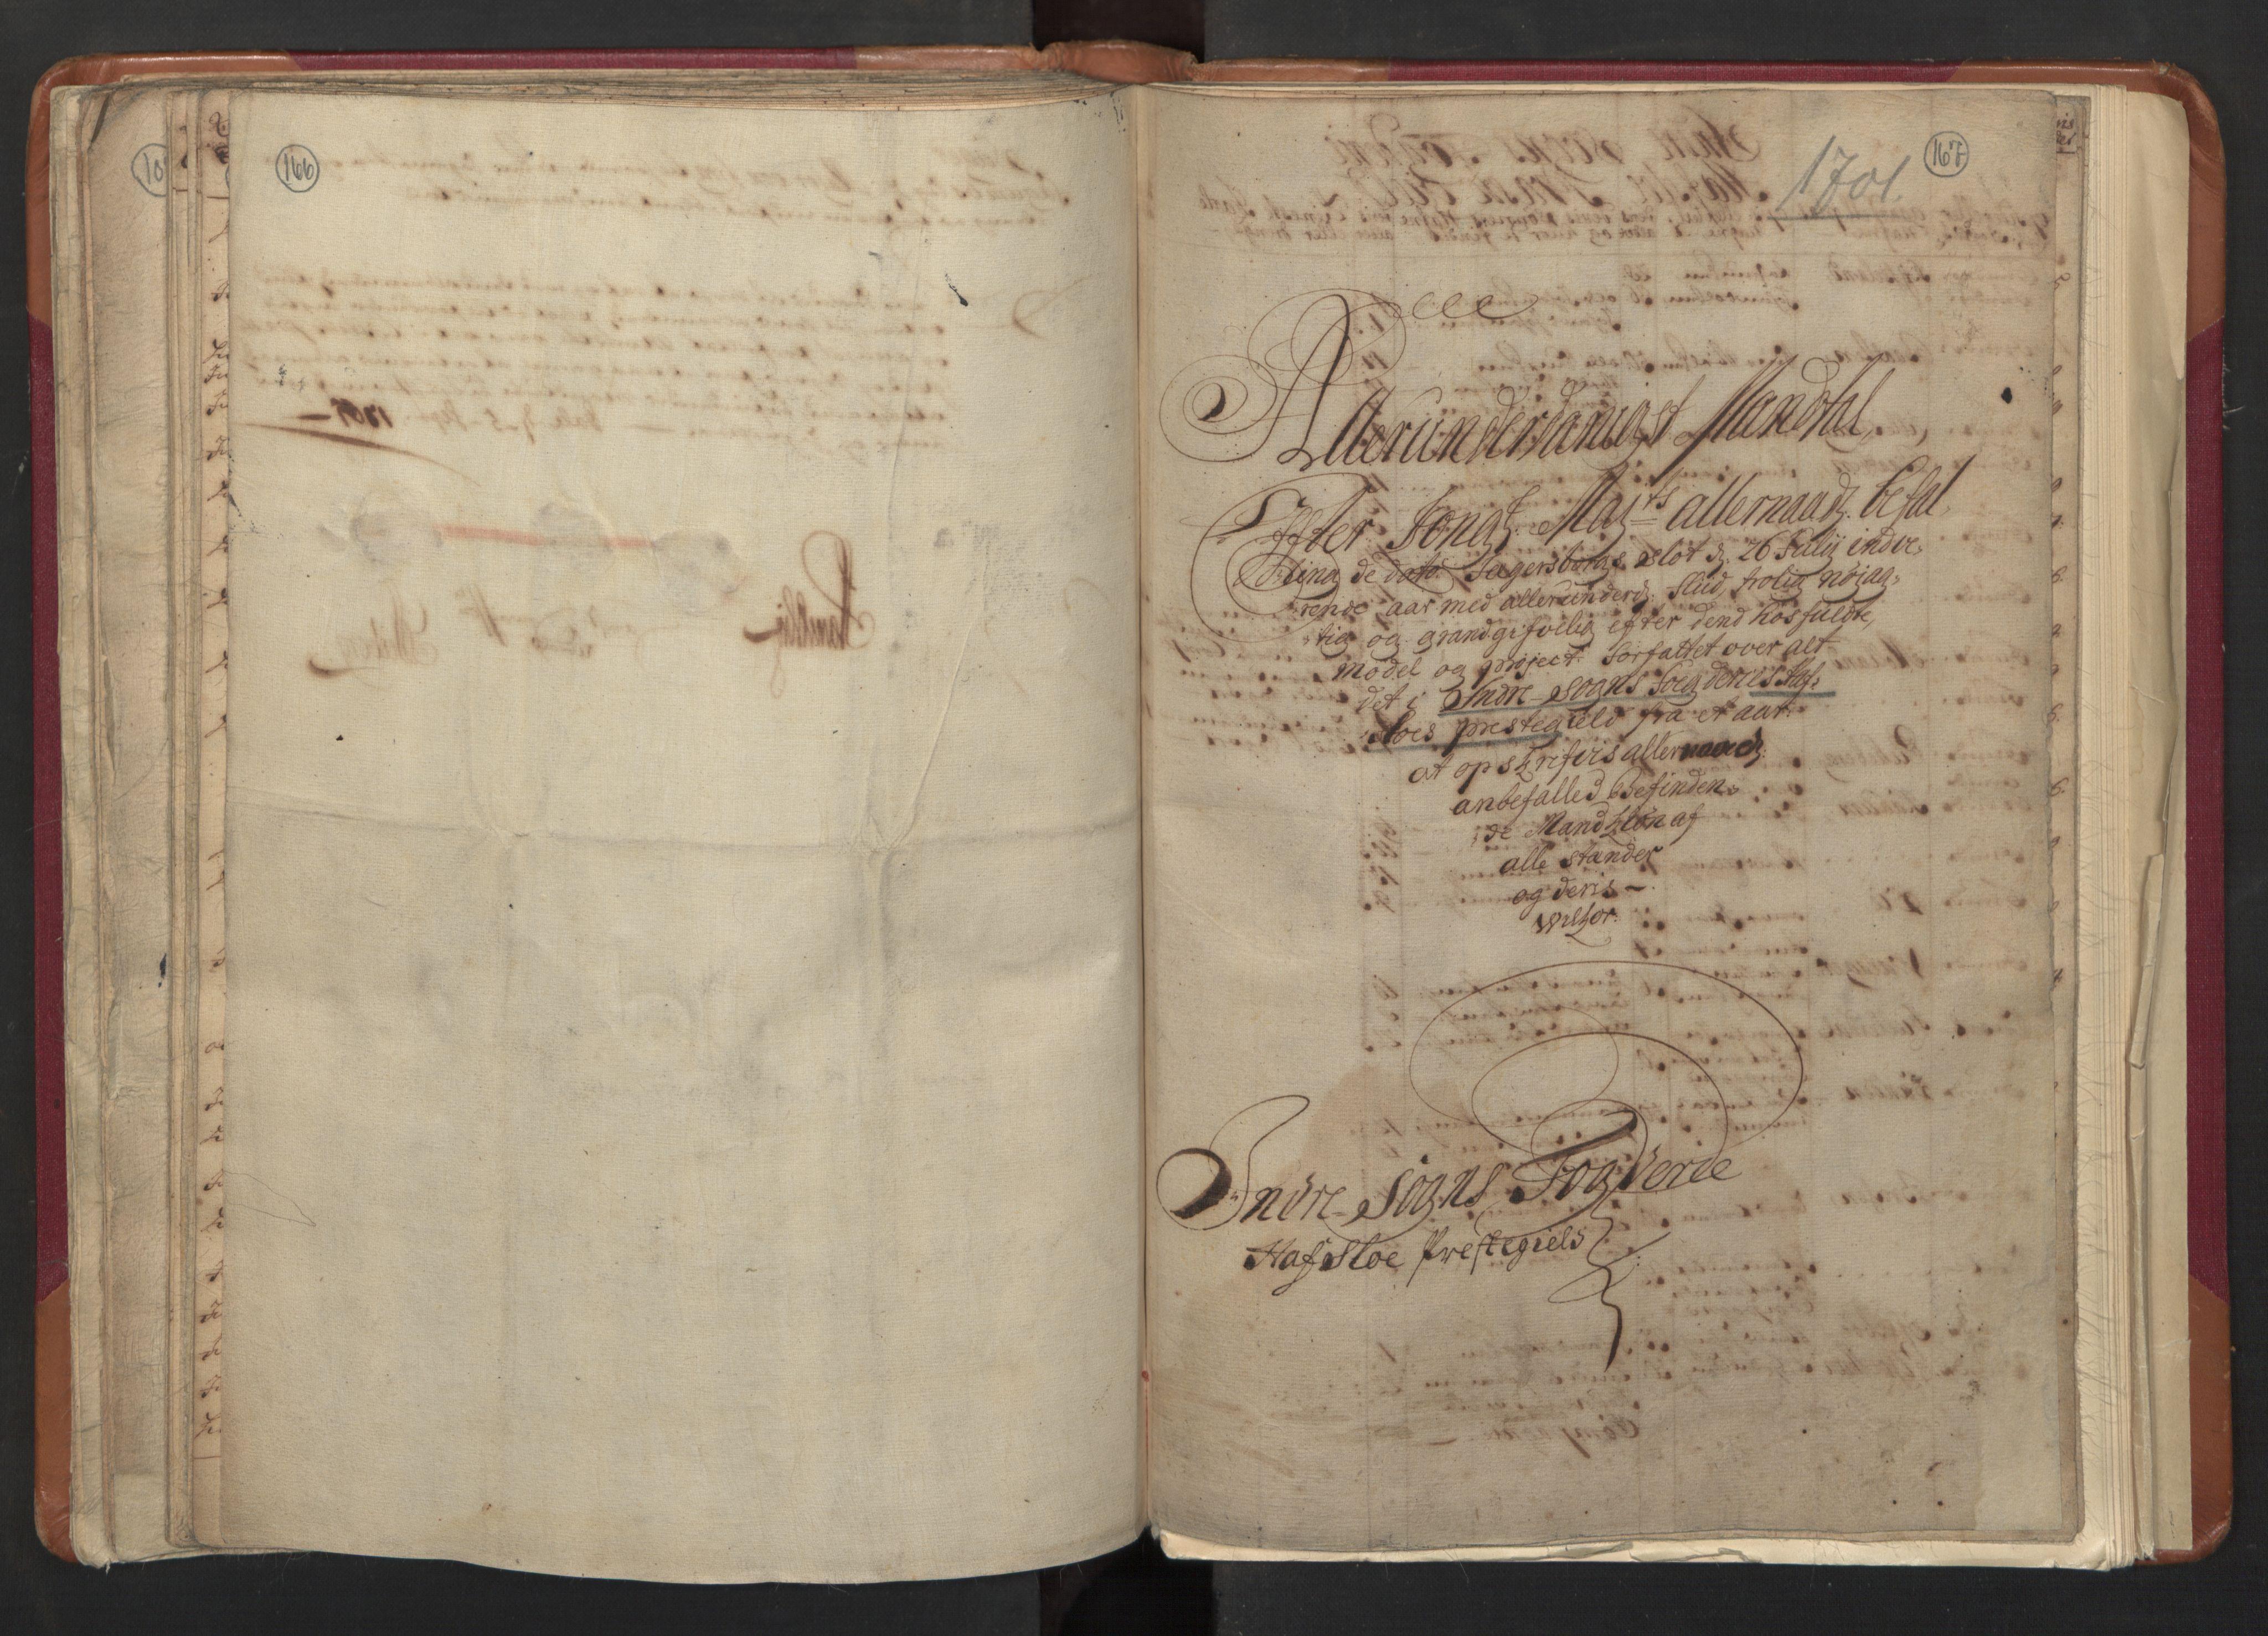 RA, Manntallet 1701, nr. 8: Ytre Sogn fogderi og Indre Sogn fogderi, 1701, s. 166-167